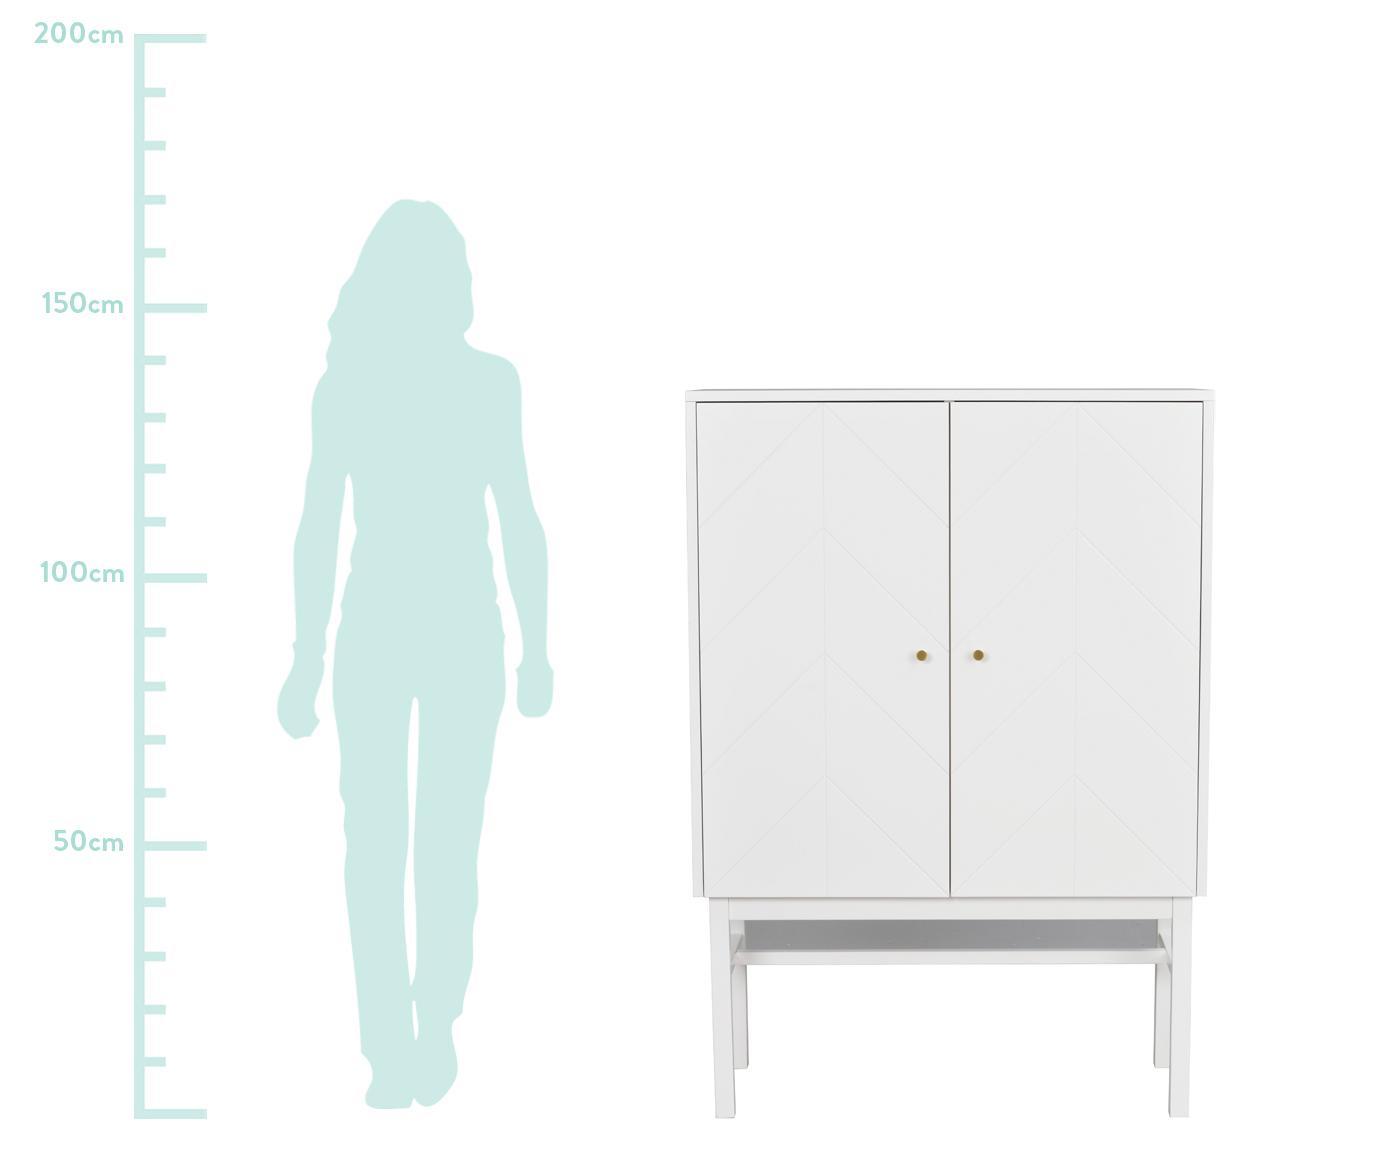 Highboard Webster mit 2 Türen, Korpus: Mitteldichte Holzfaserpla, Beine: Gummibaumholz, massiv, Weiss, 94 x 135 cm